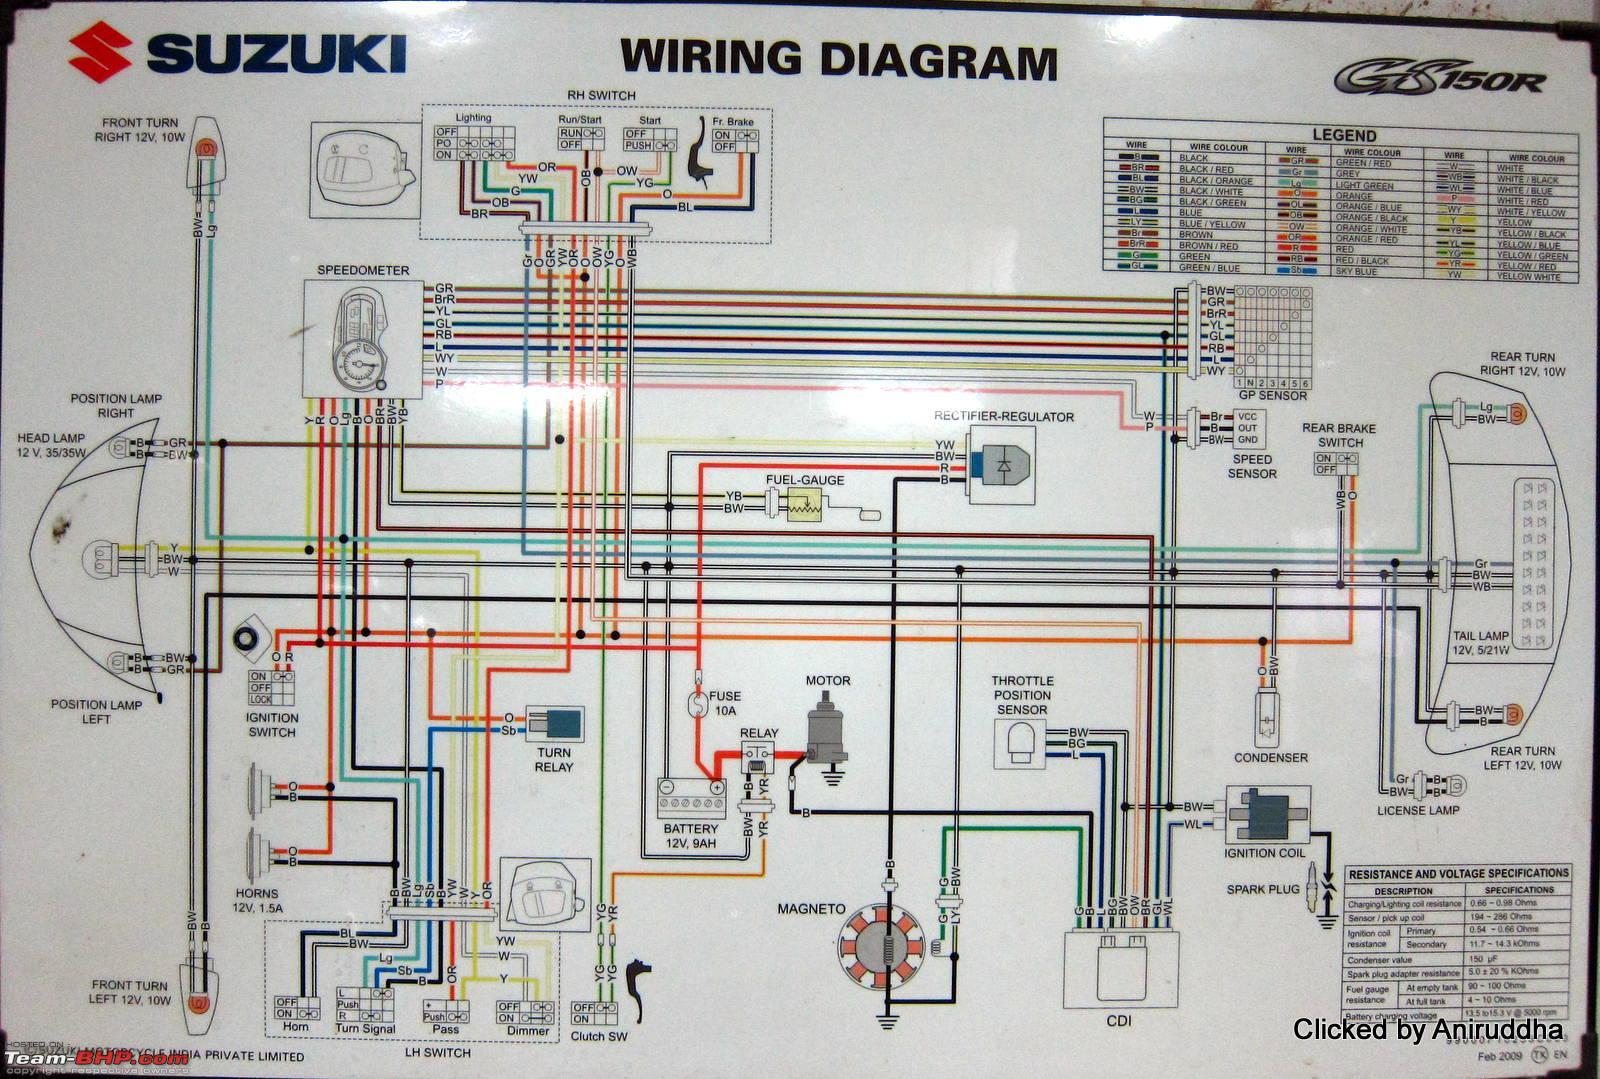 [SCHEMATICS_49CH]  8638 2013 Triumph Bonneville Wiring Diagram   Wiring Resources   Triumph Thruxton Wiring Diagram      Wiring Resources